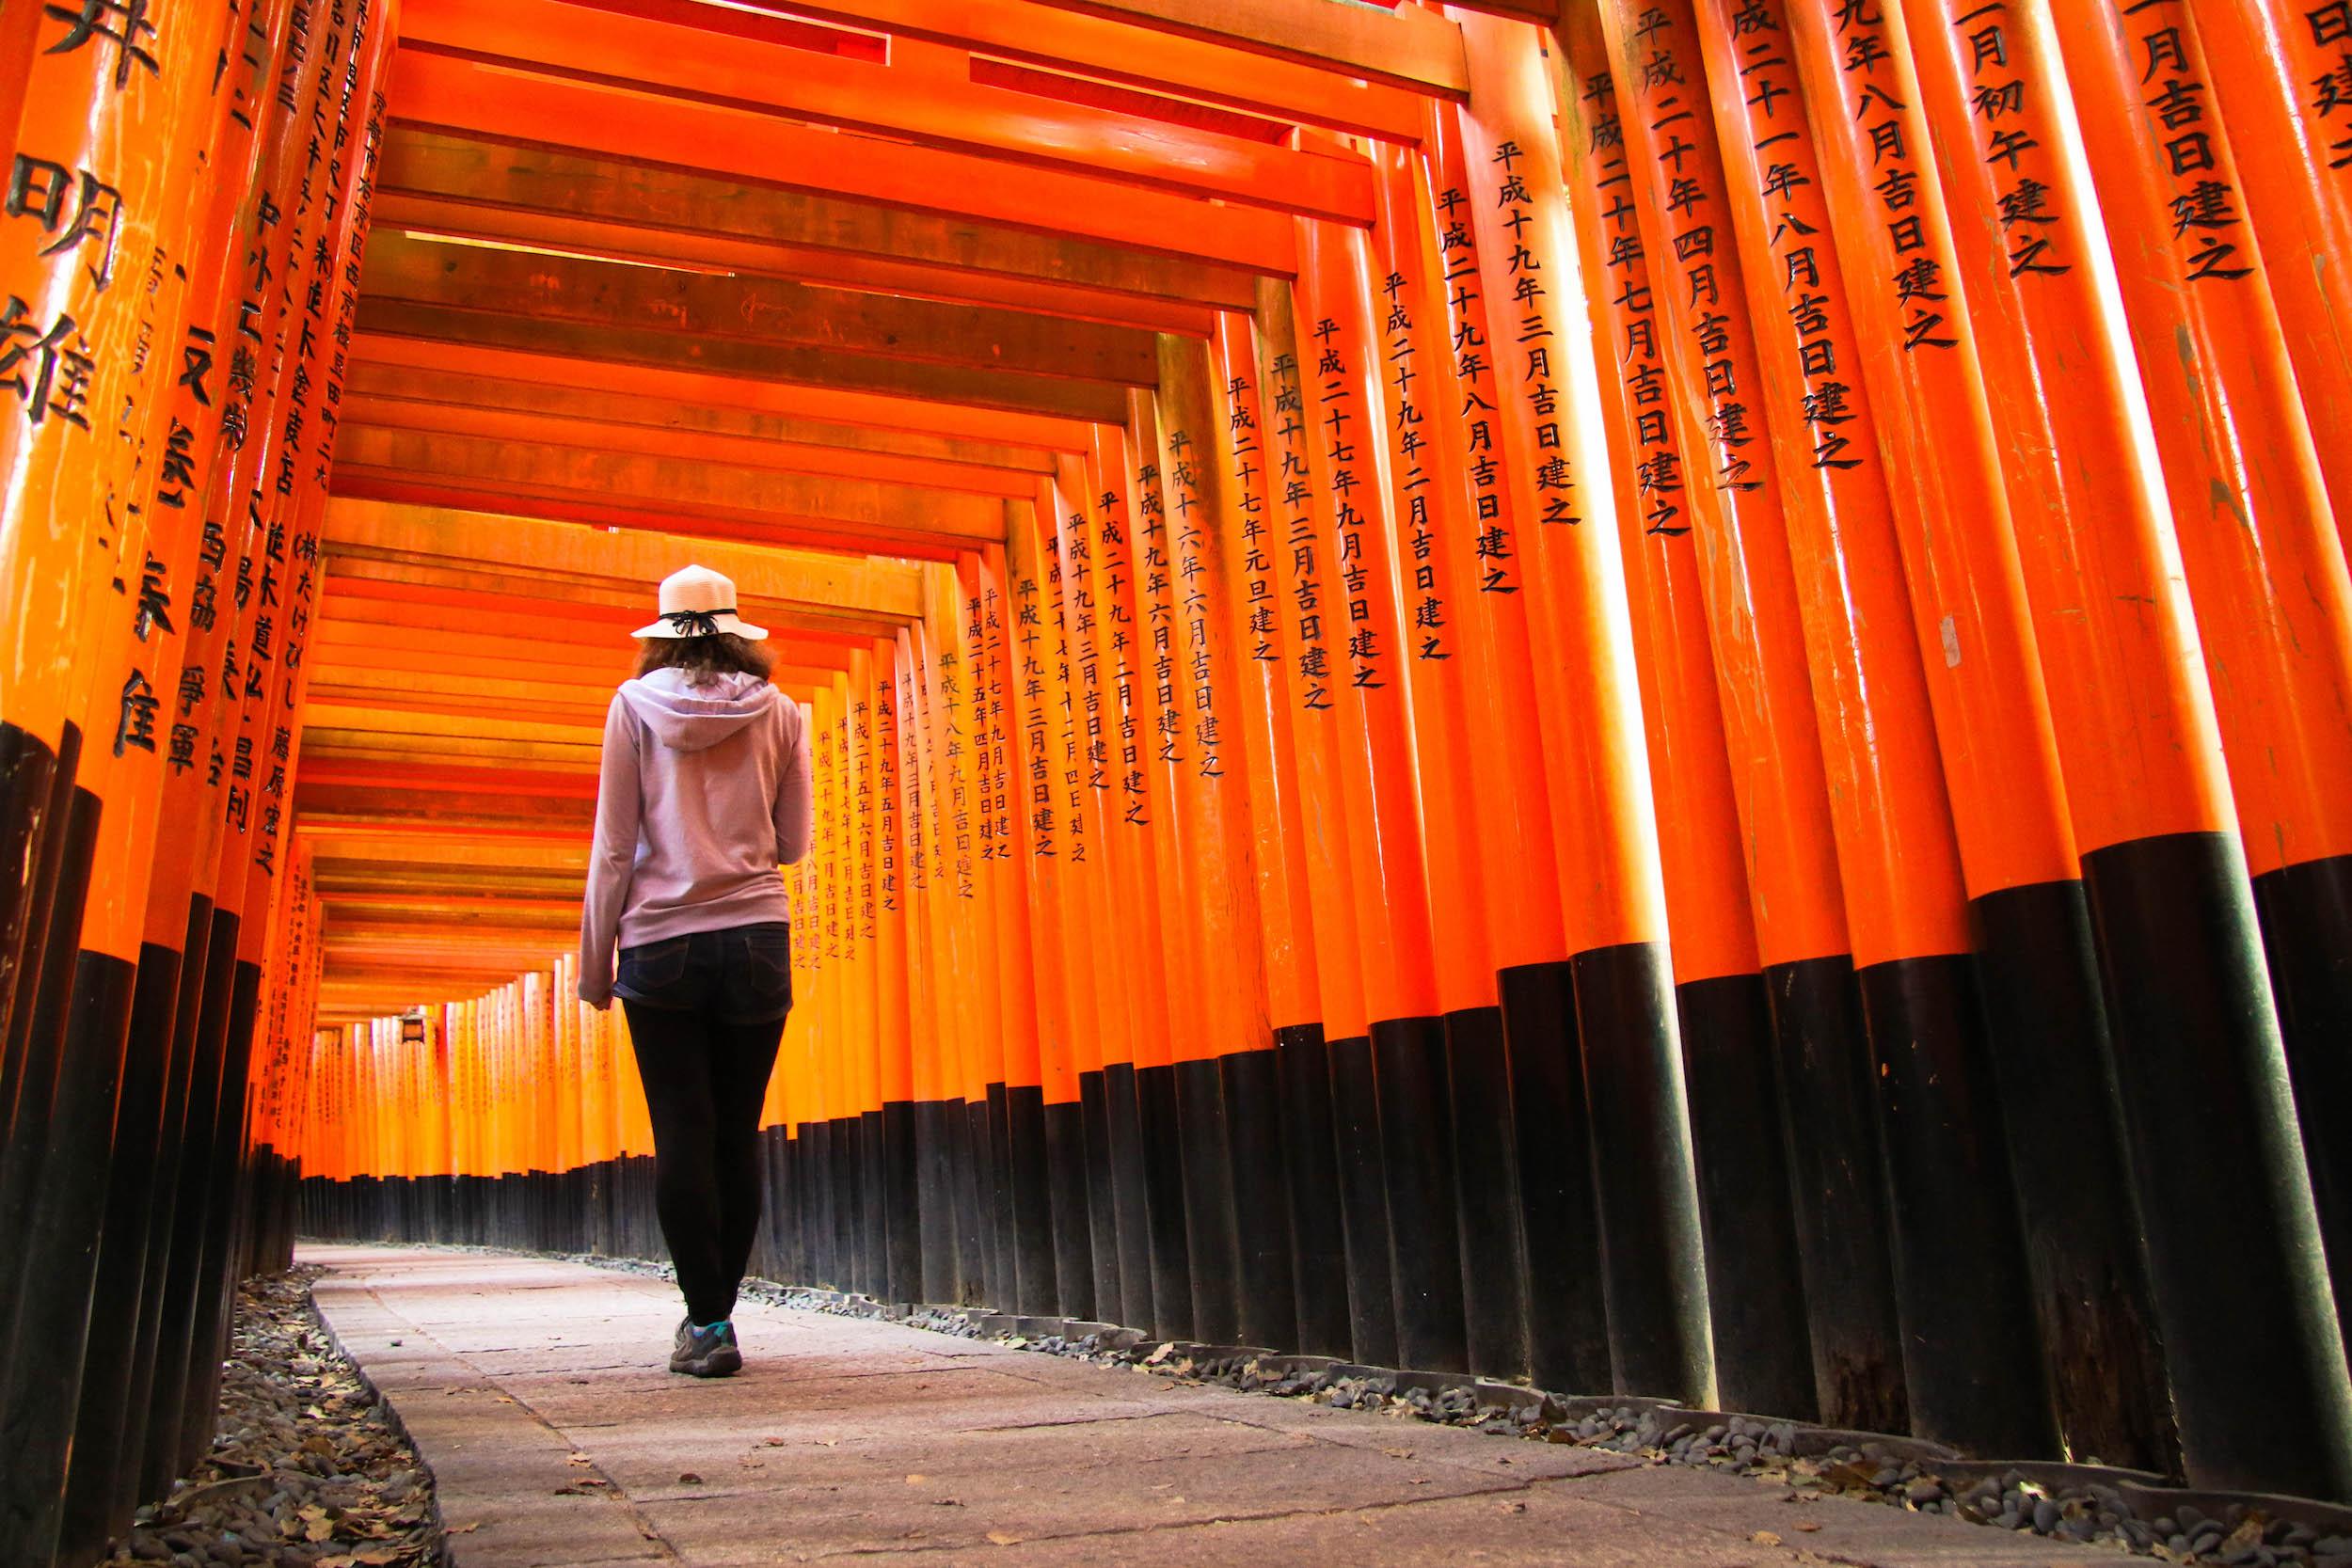 Japonci chodí s cizinci jsou lauren a dominantní stále datují 2015